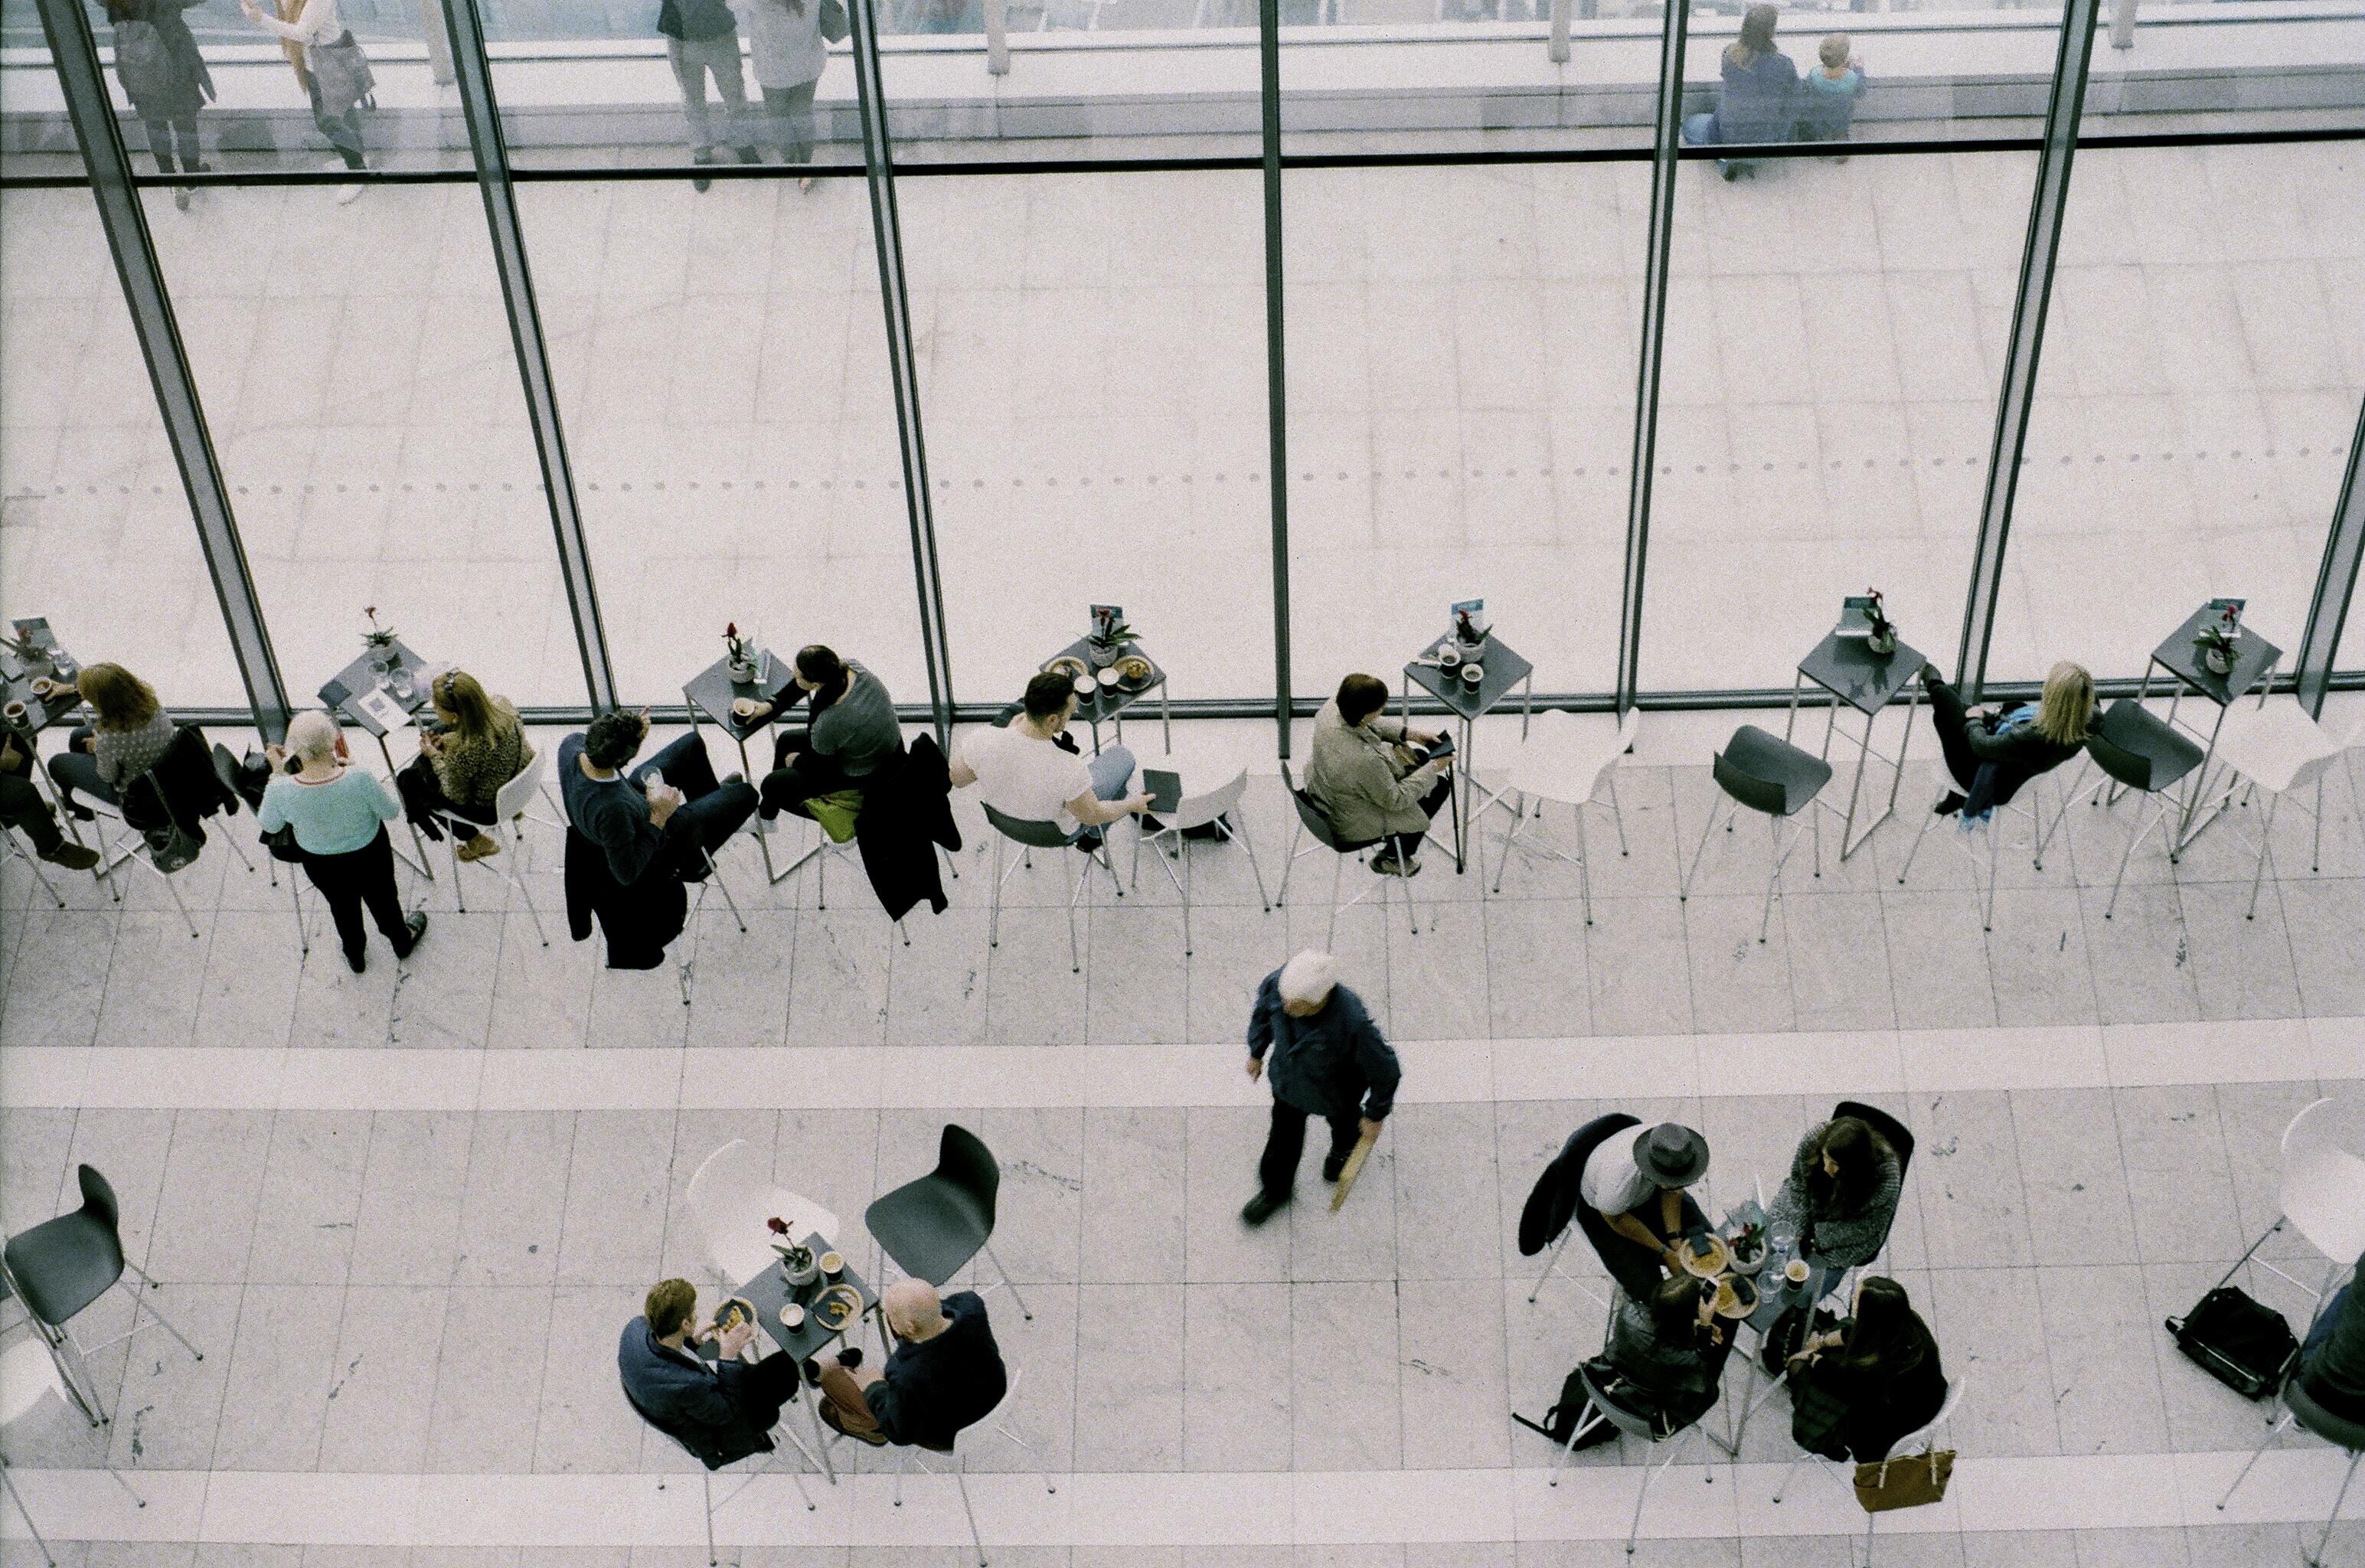 Marketing strategies and peer-to-peer lending